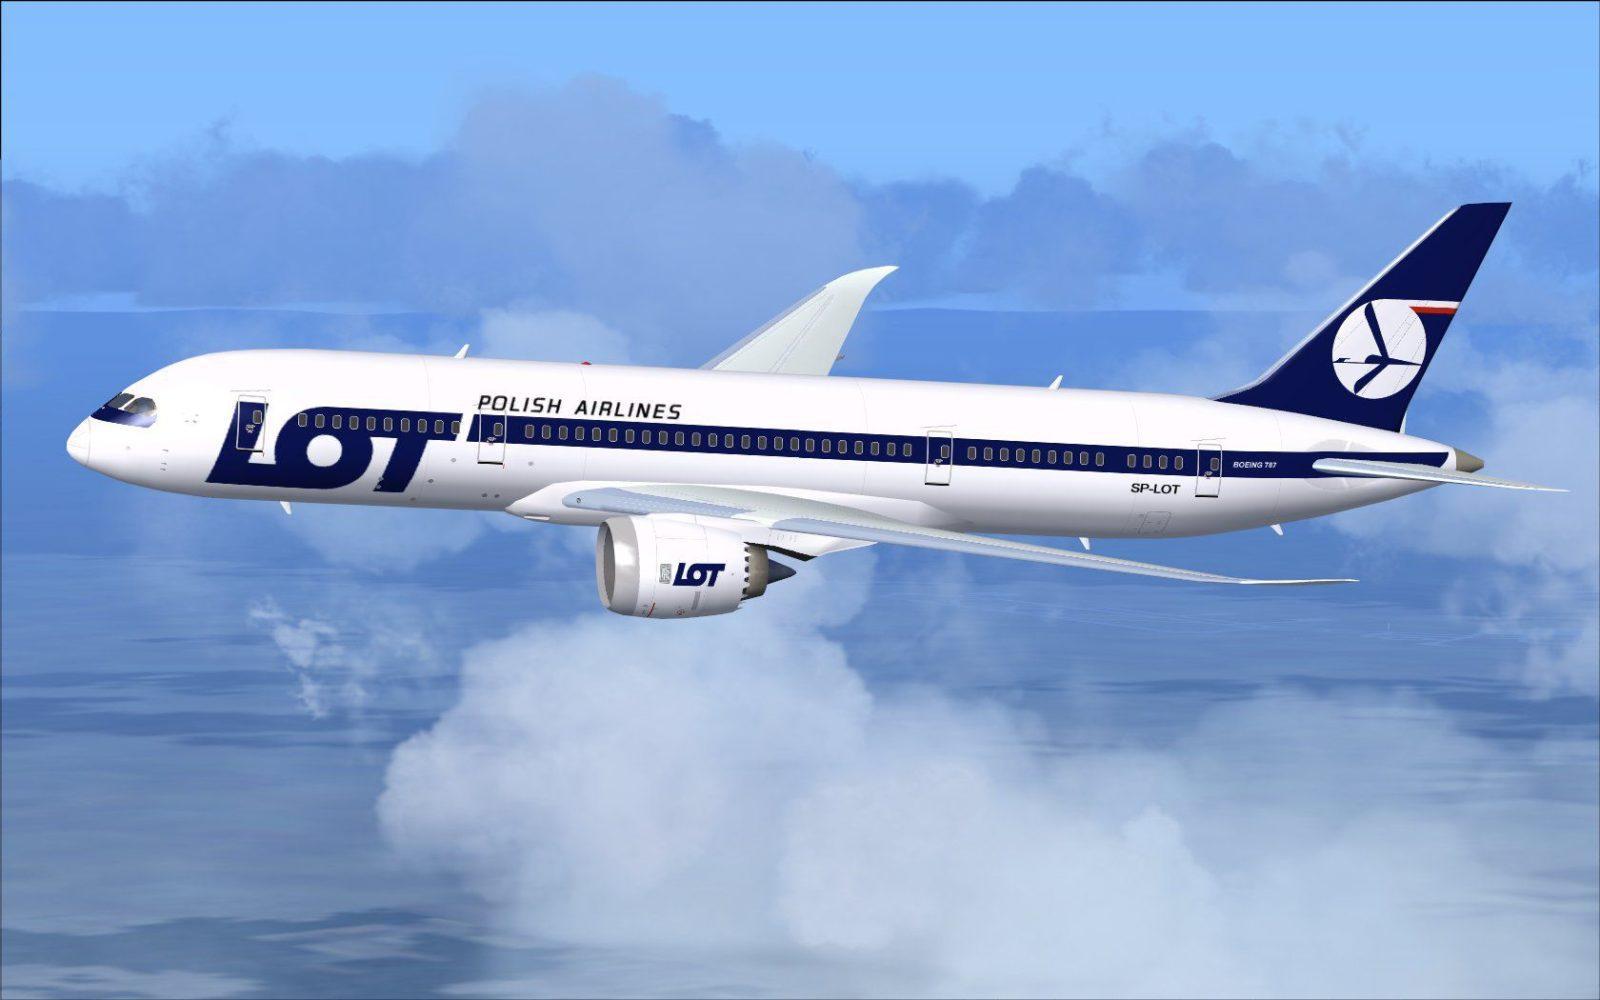 polish - ავიაკომპანია პოლონეთის ავიახაზები - LOT – Polish Airlines